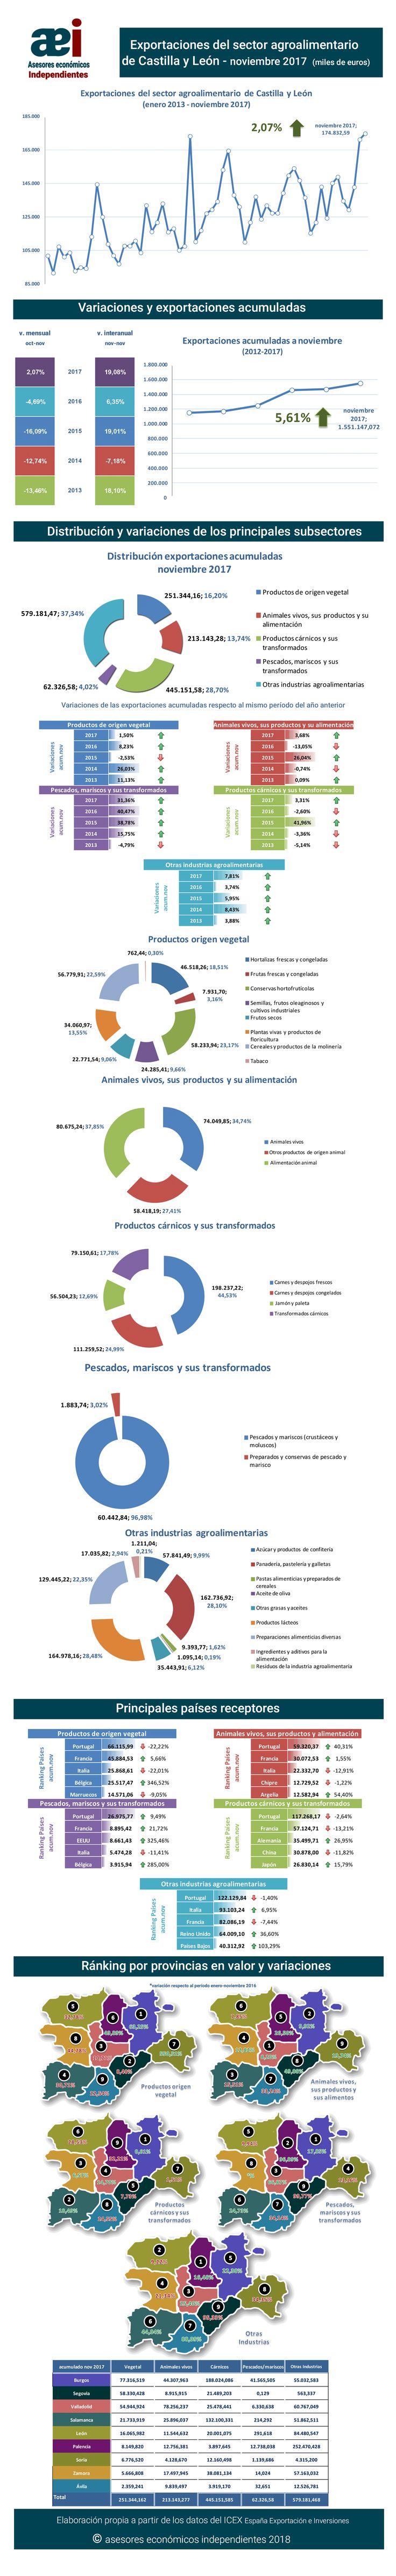 infografía de exportaciones del sector agroalimentario de Castilla y León en el mes de noviembre 2017 realizada por Javier Méndez Lirón para asesores económicos independientes